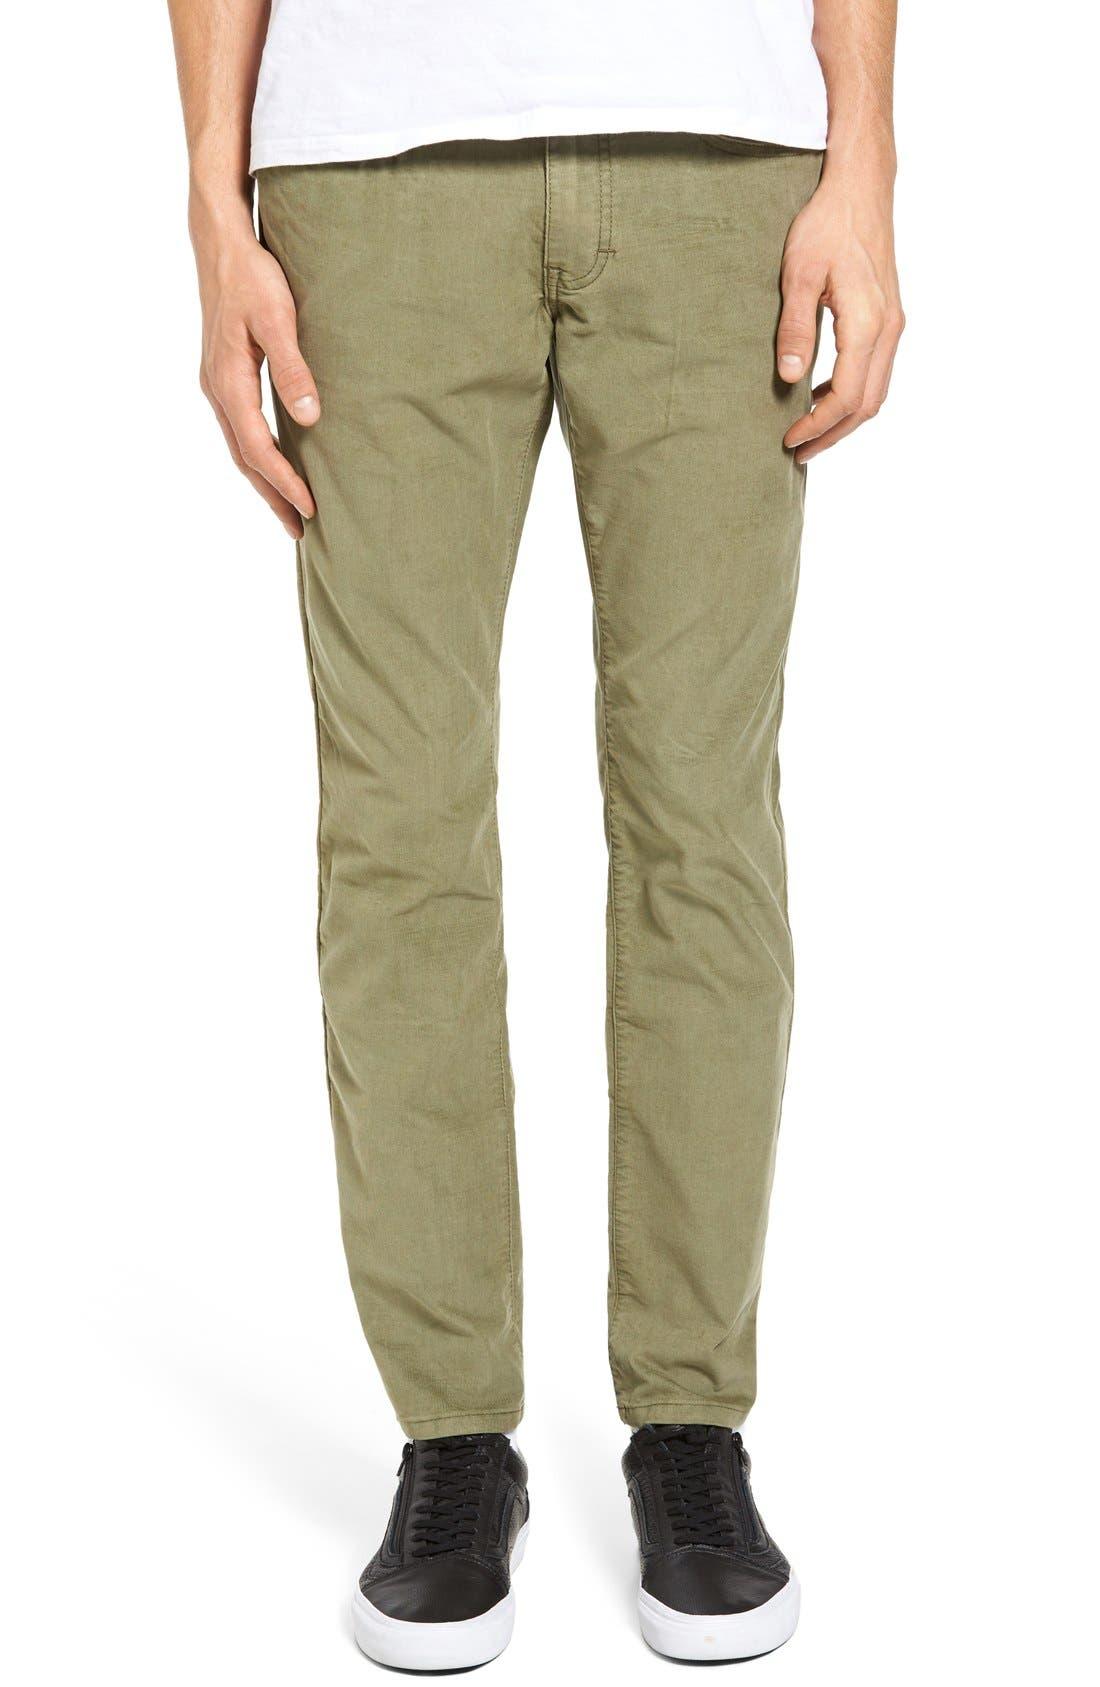 Bryce Chopper Slim Fit Corduroy Pants,                         Main,                         color, 302